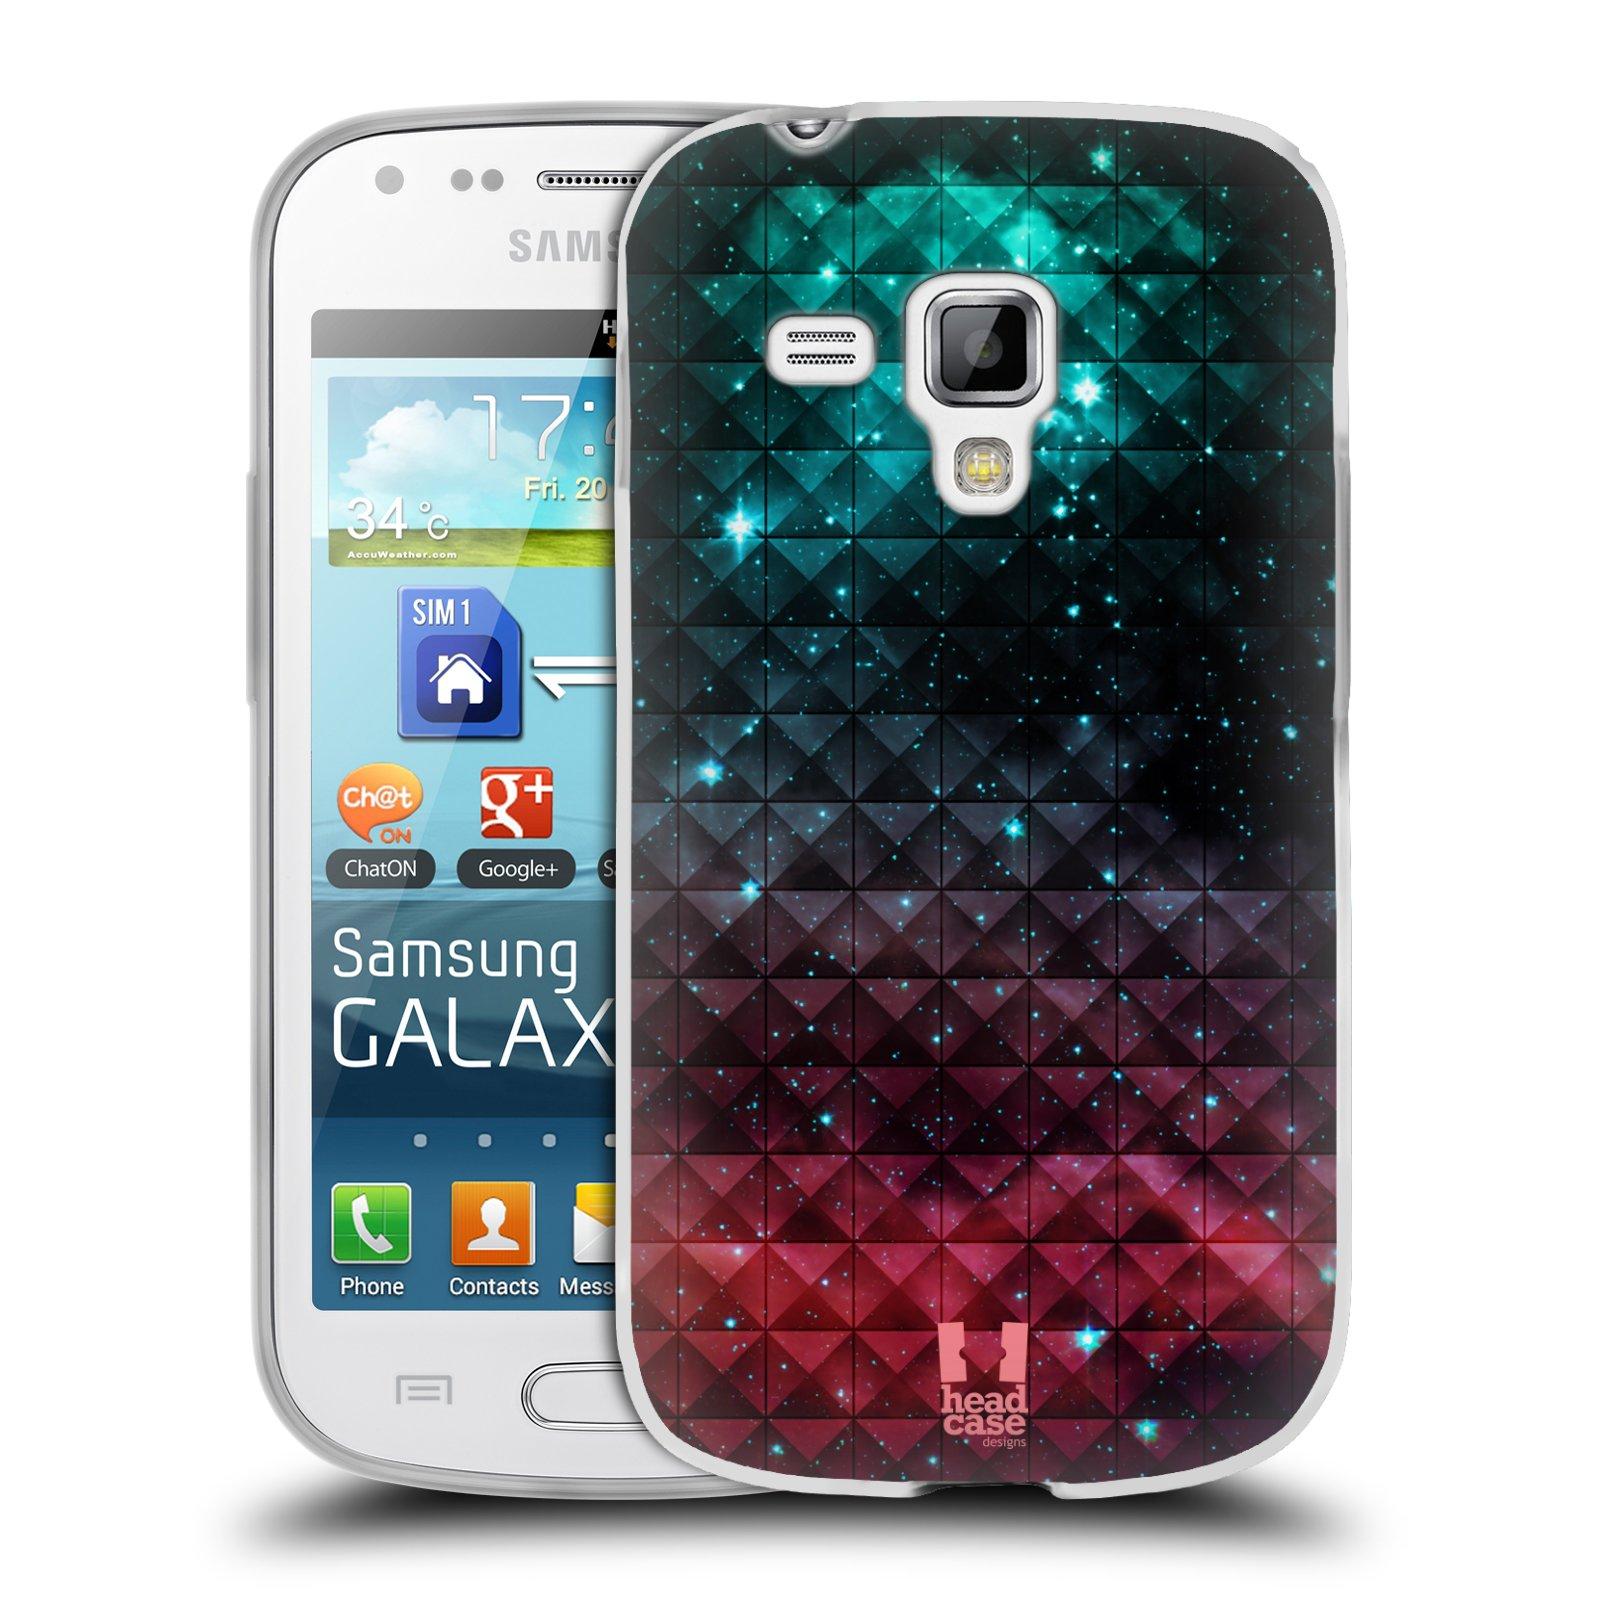 Silikonové pouzdro na mobil Samsung Galaxy S Duos 2 HEAD CASE OMBRE SPARKLE (Silikonový kryt či obal na mobilní telefon Samsung Galaxy S Duos 2 GT-S7582)